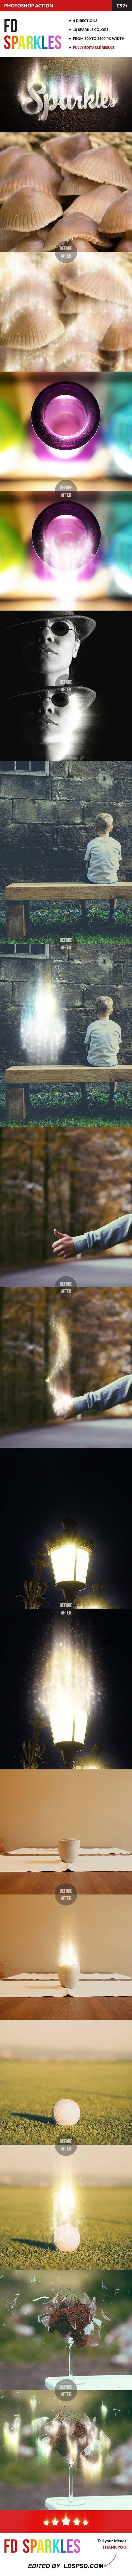 Magic sparkles photoshop action